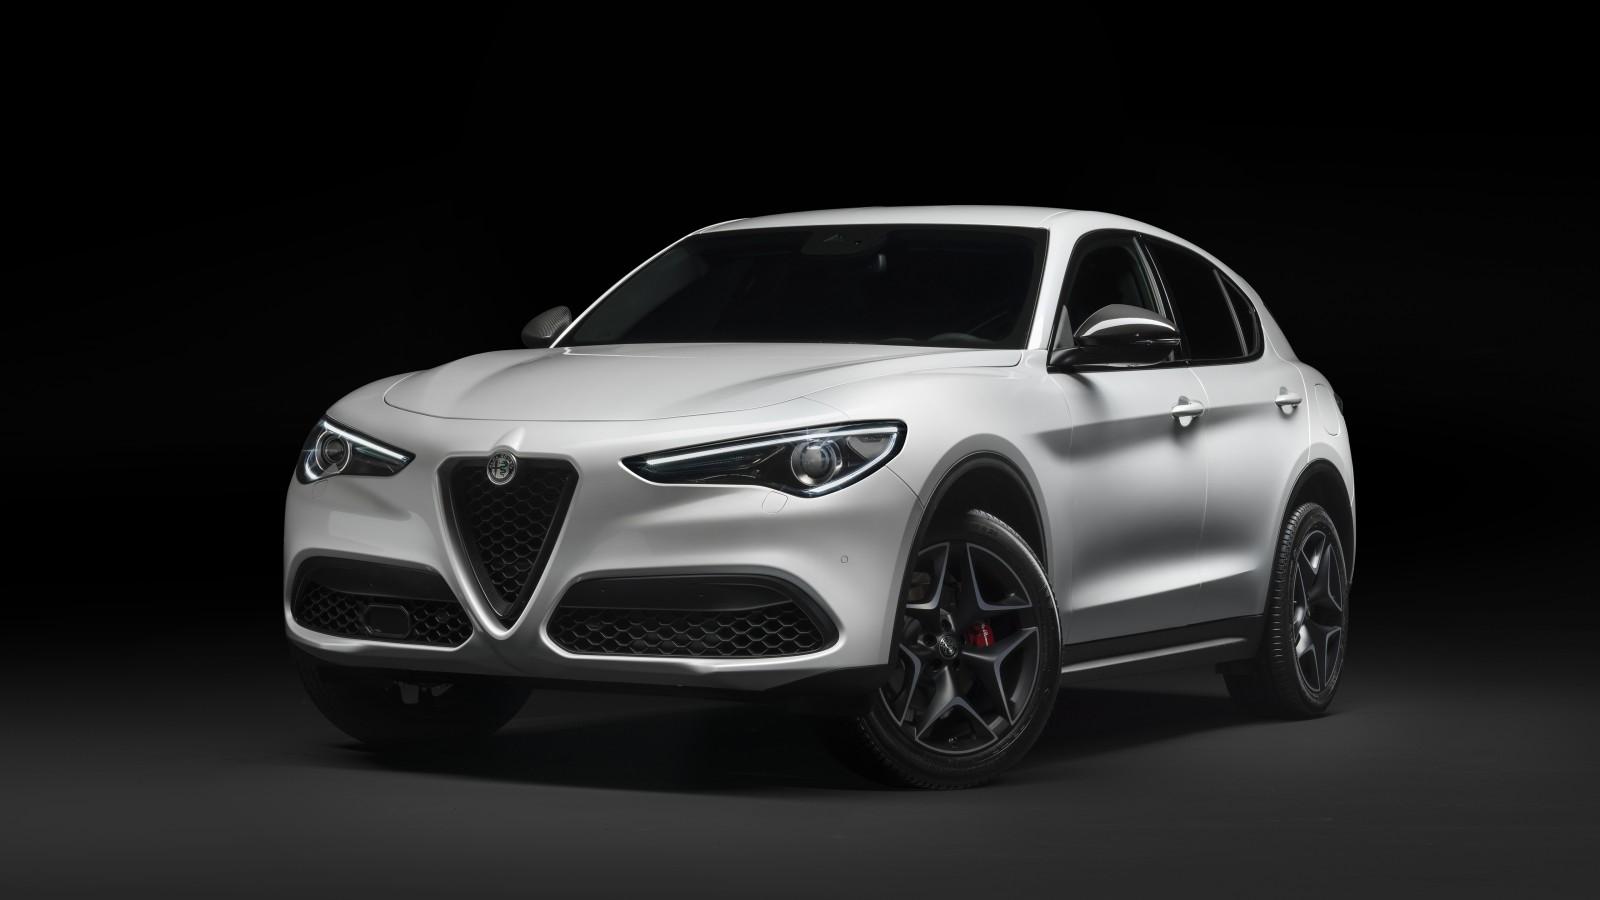 Hummer Car Wallpaper Download Alfa Romeo Stelvio Ti 2019 5k Wallpaper Hd Car